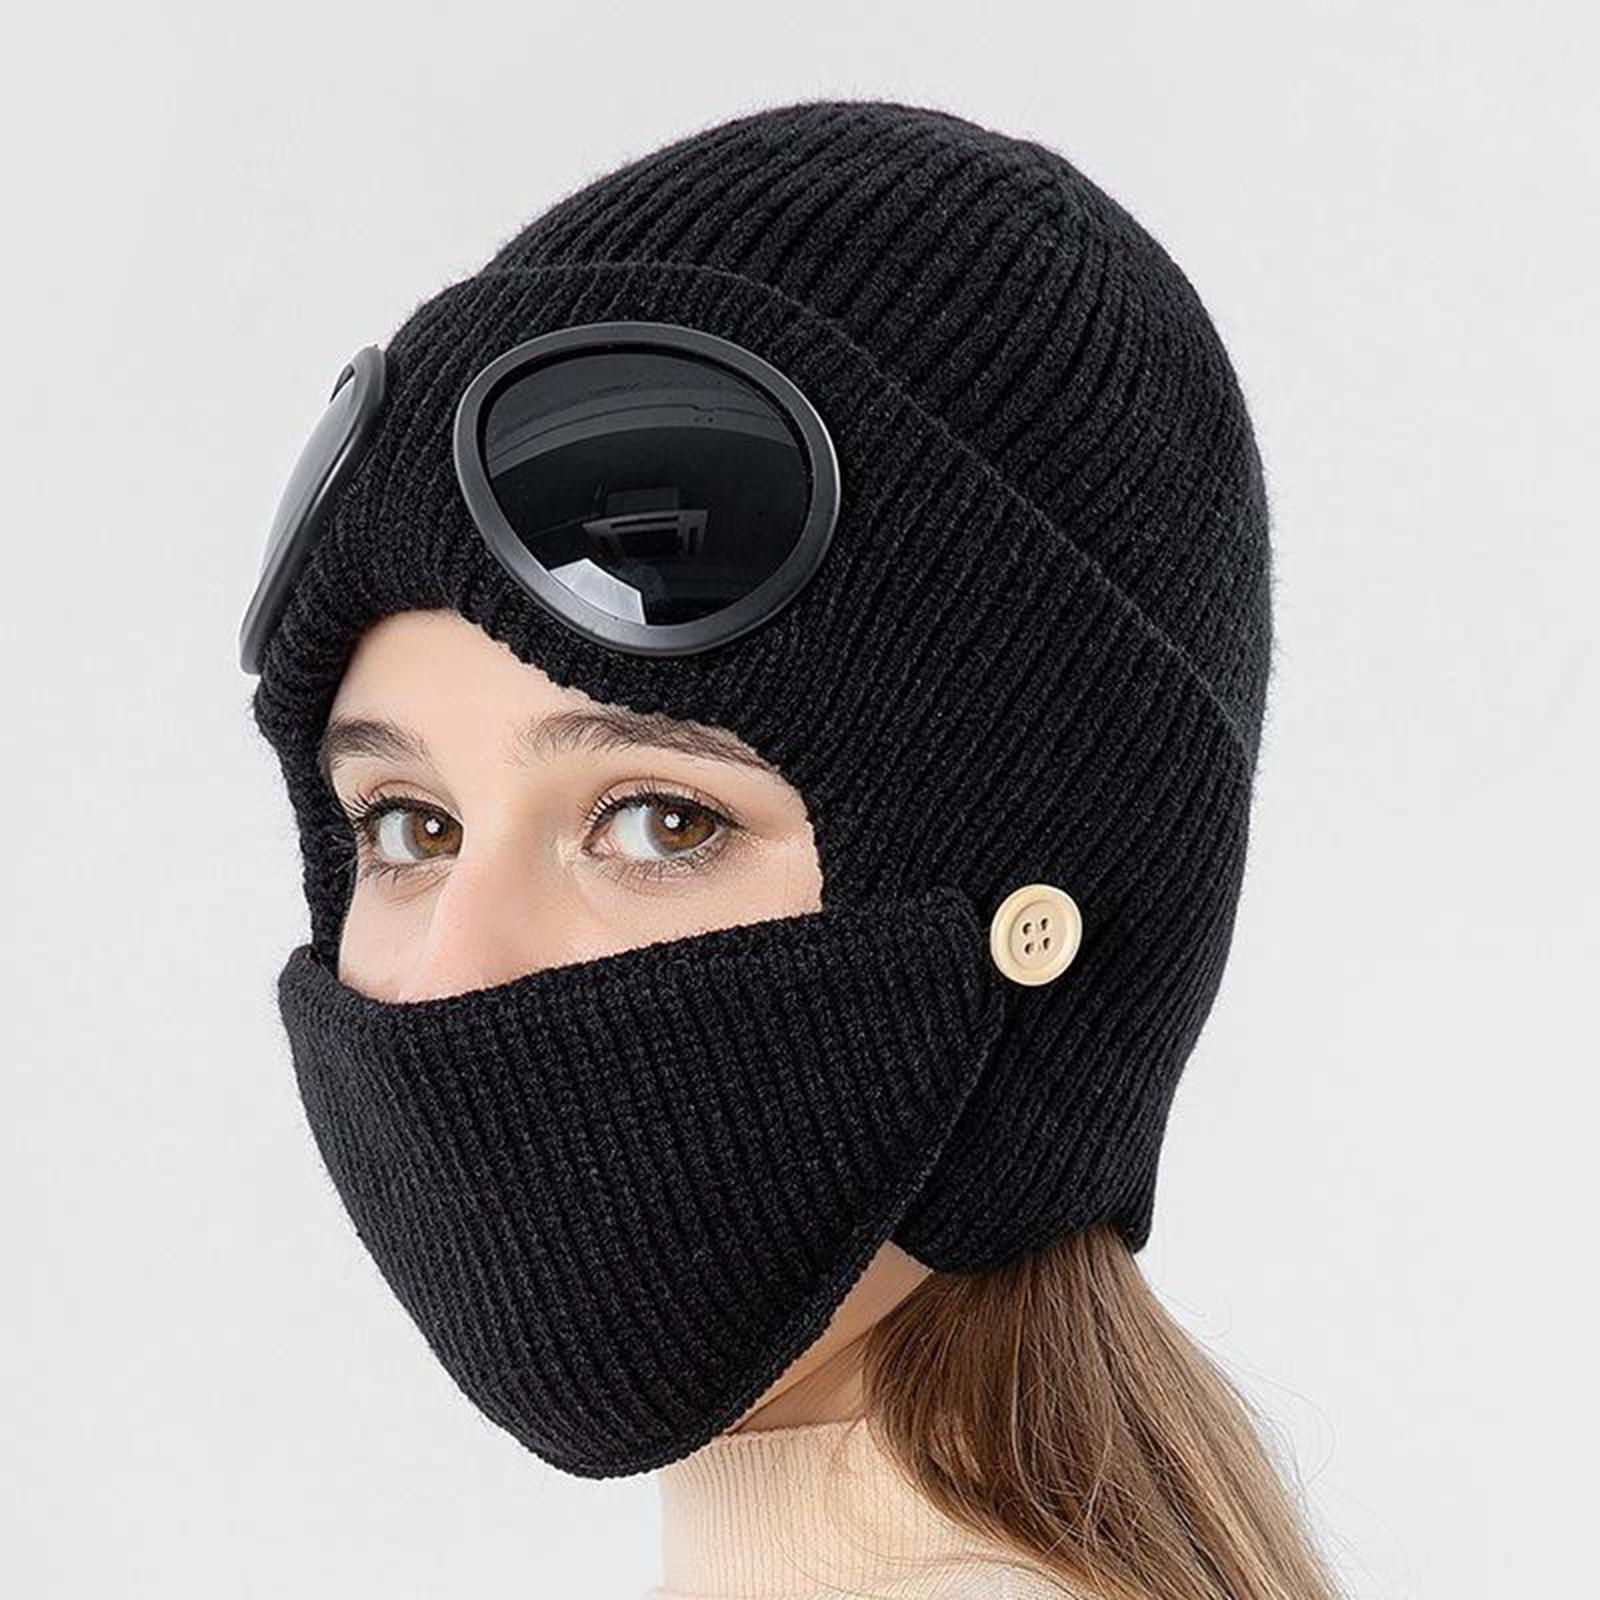 miniature 5 - Masque de tête de visage hiver bonnet chaud avec lunettes casquette d'oreille